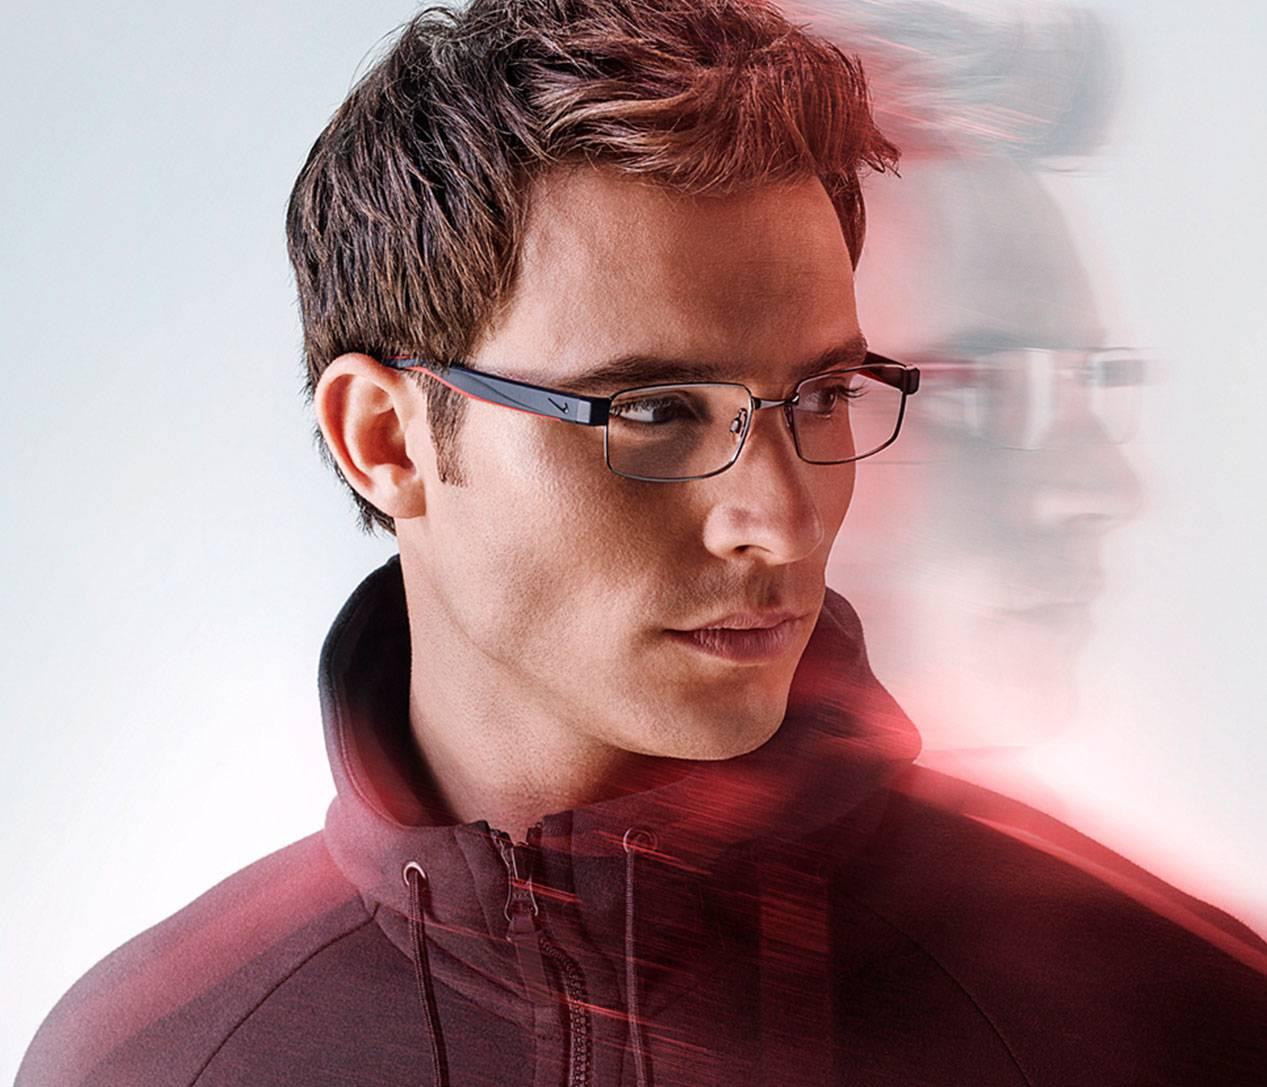 Eye care, man with Nike designer frame in San Jose, CA